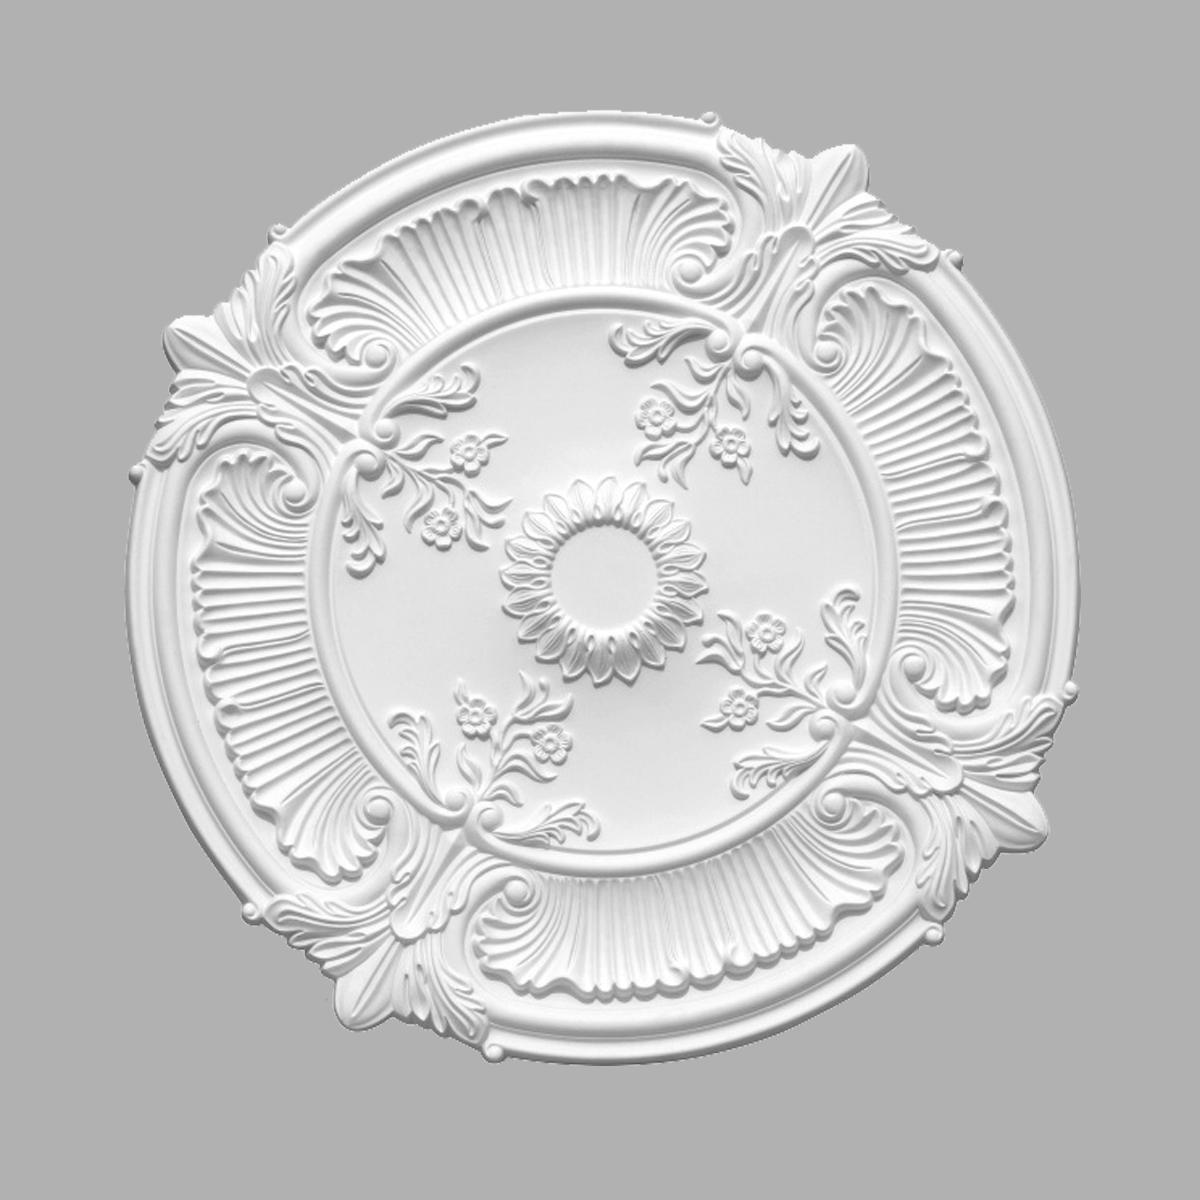 Розетка потолочная DECOMASTER 80214/10 (330мм)